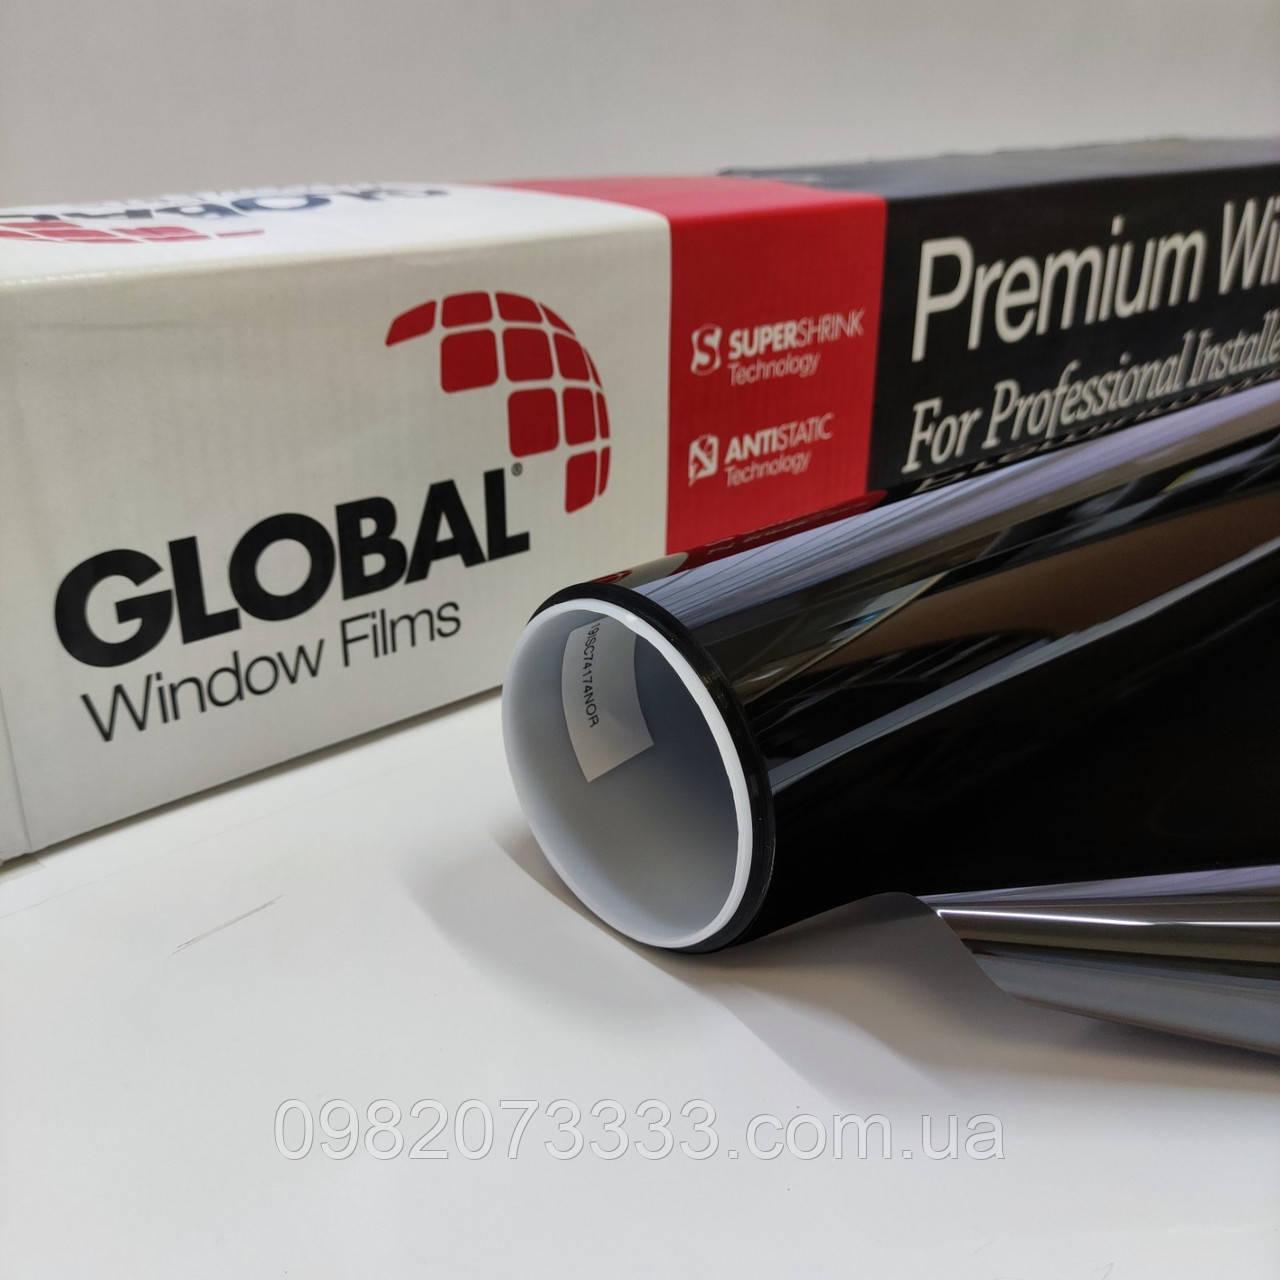 Тонировочная пленка HPI CH 10 ширина 1,524 (США) Global автомобильная. Тонировка авто. Глобал (цена за кв.м)